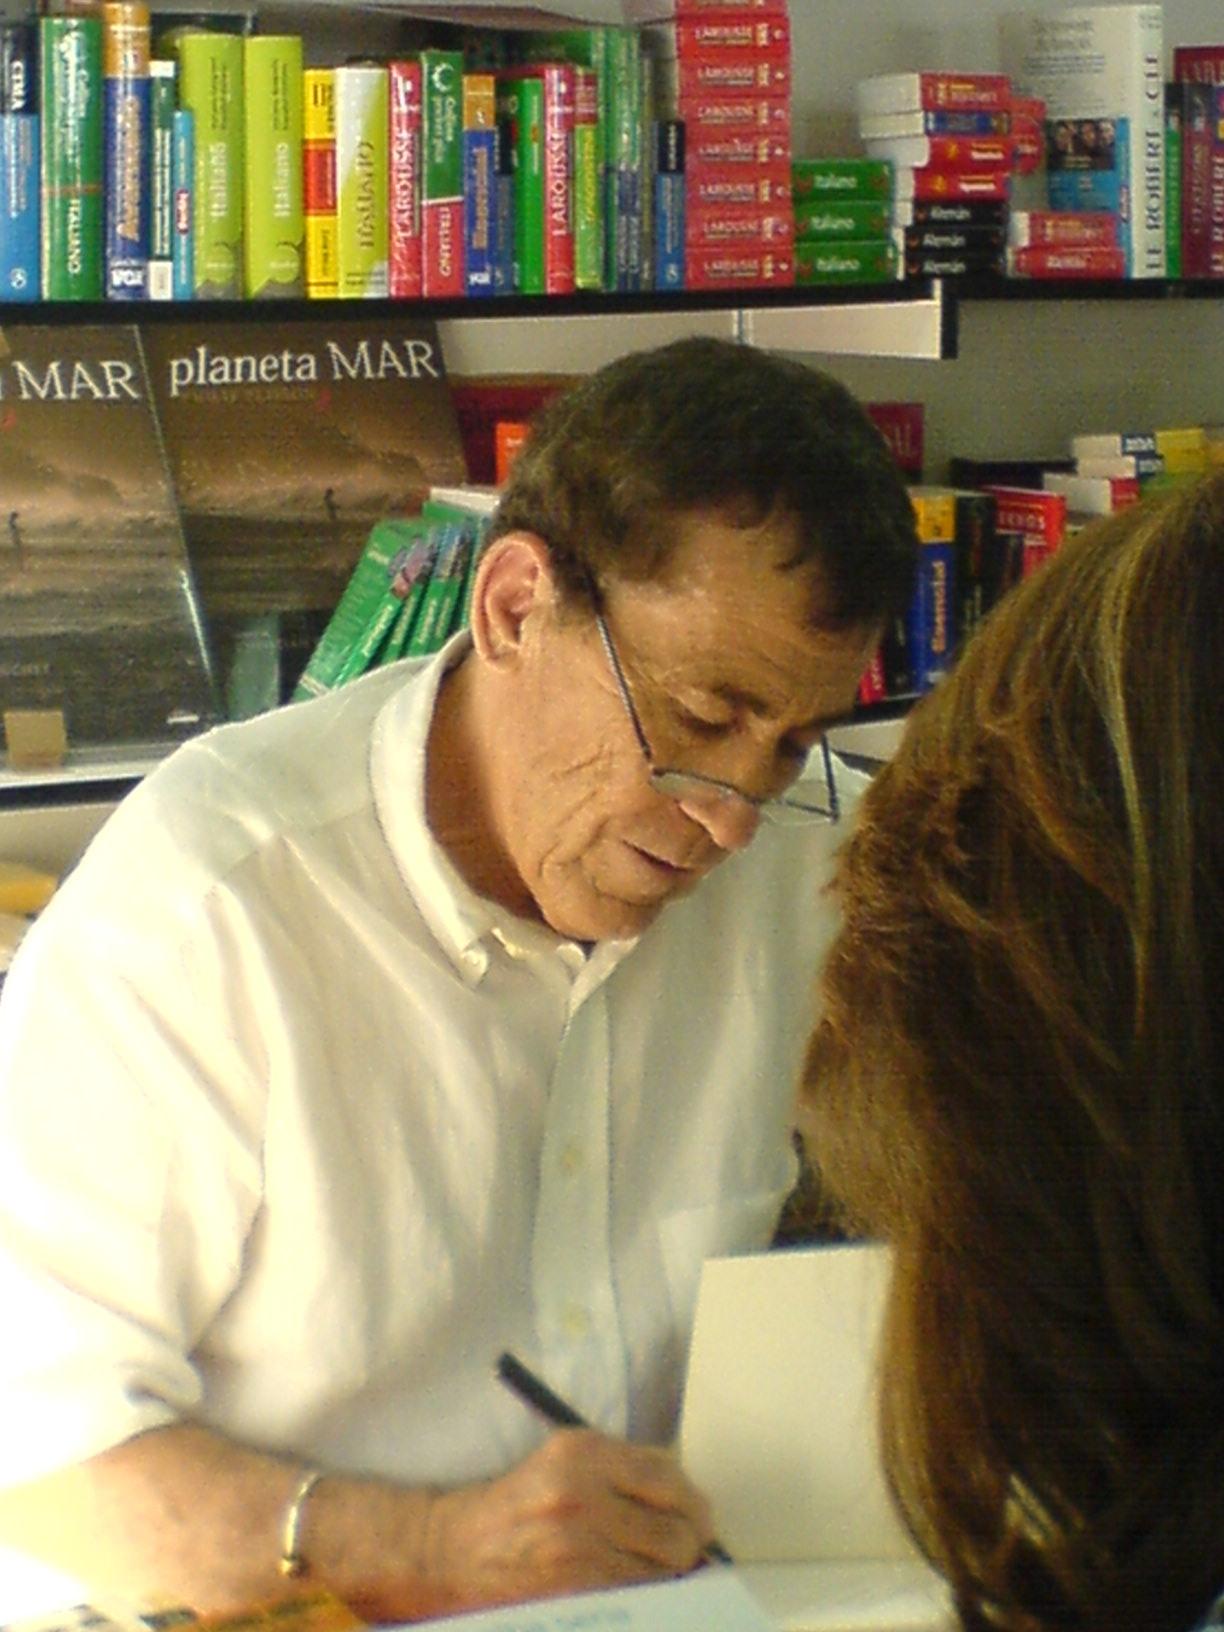 Fernando Sanchez Drago Fernando Sánchez Dragó en